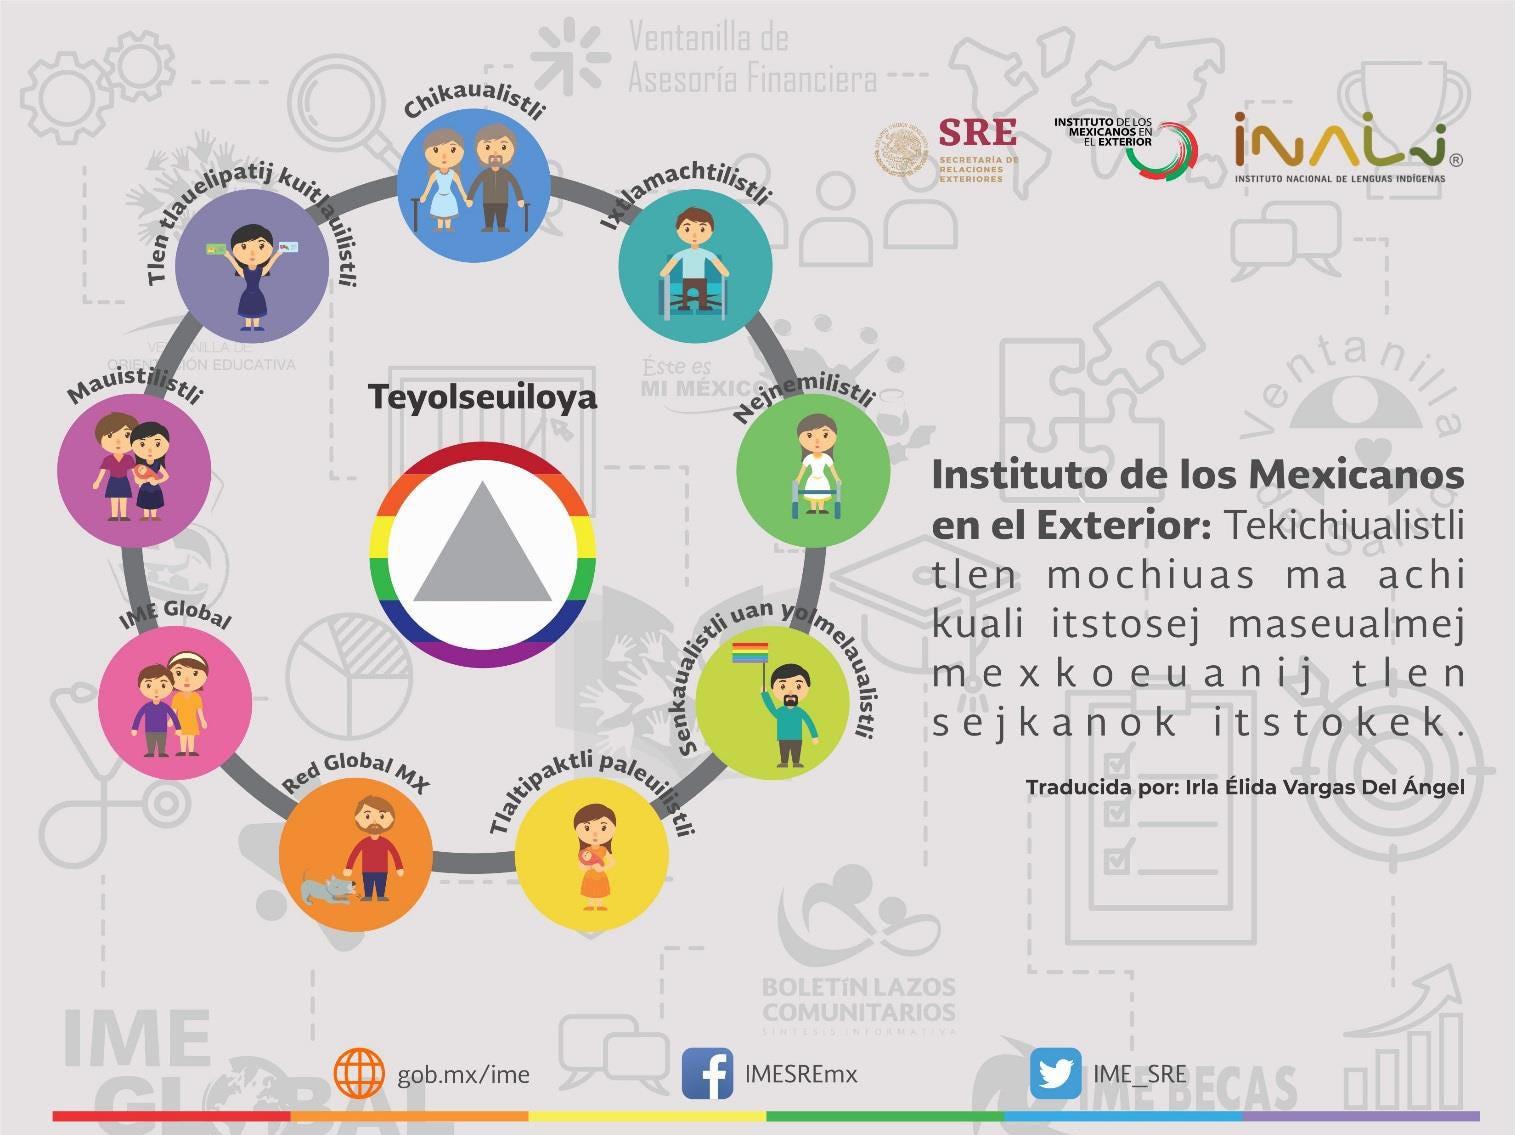 Celebran el Año Internacional de las Lenguas Indígenas